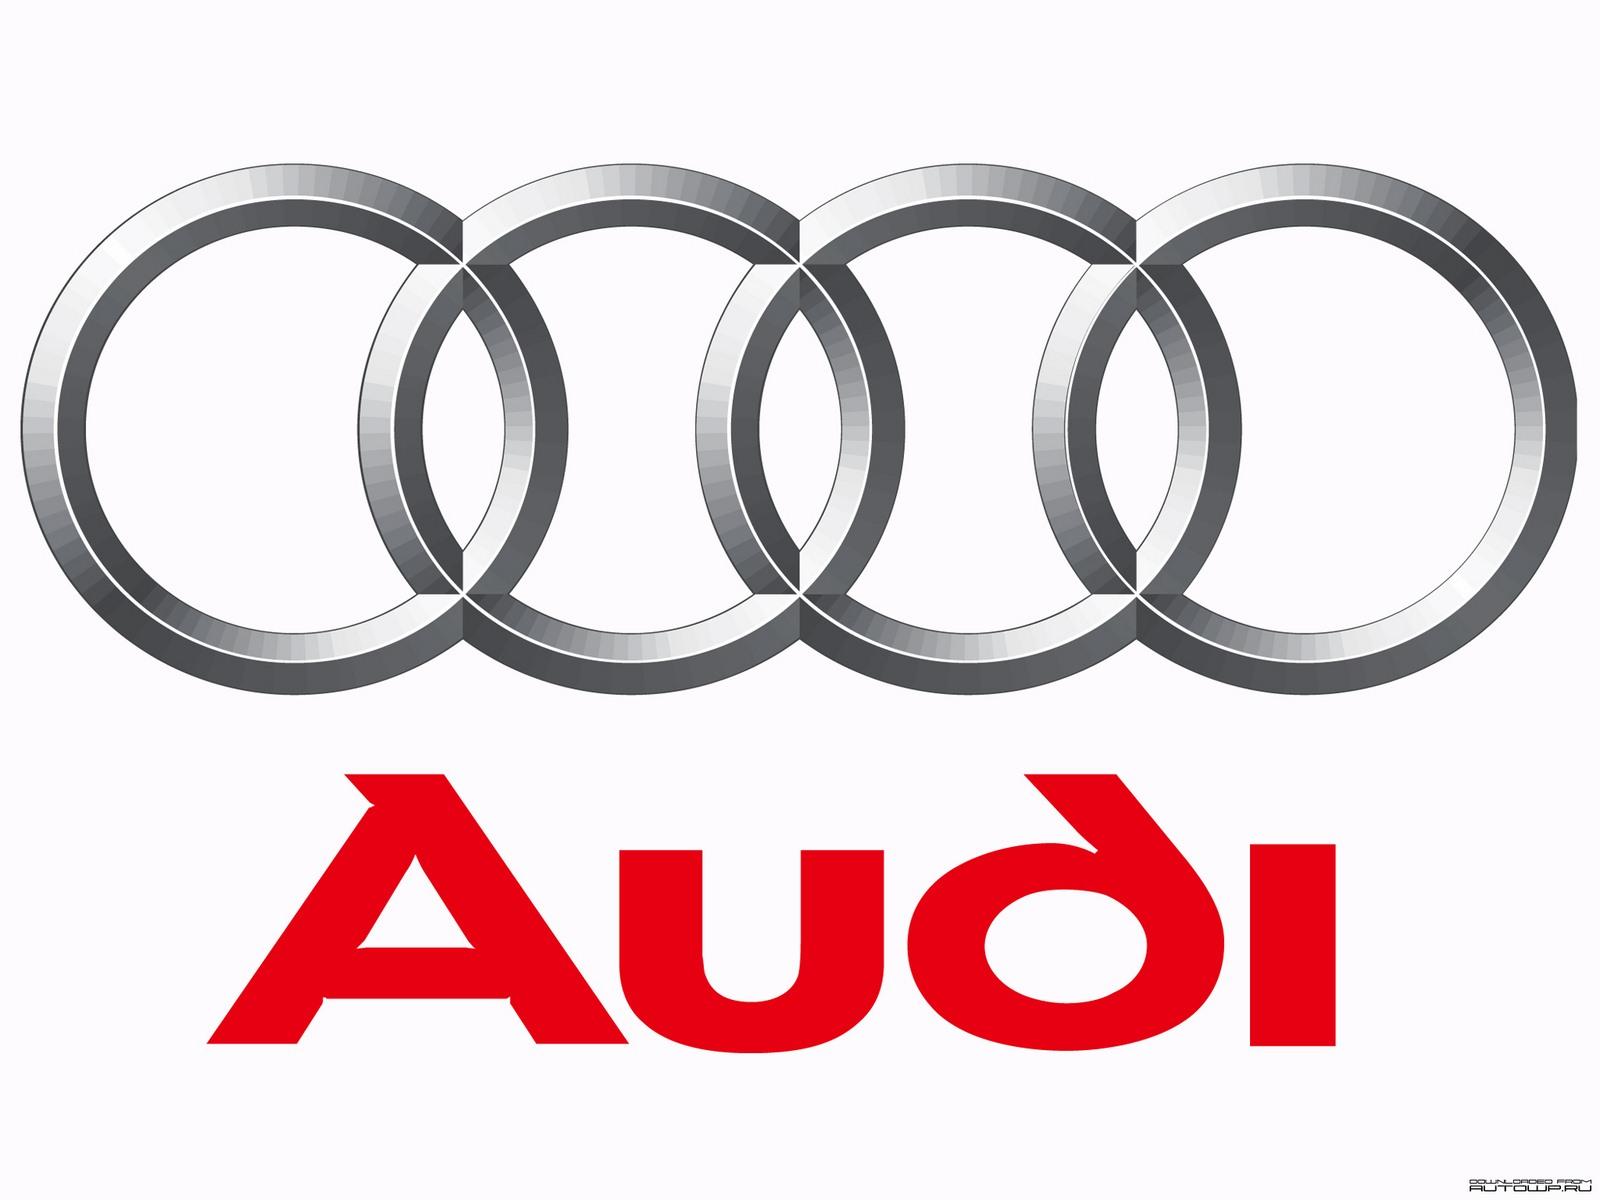 Audi (2000-now)